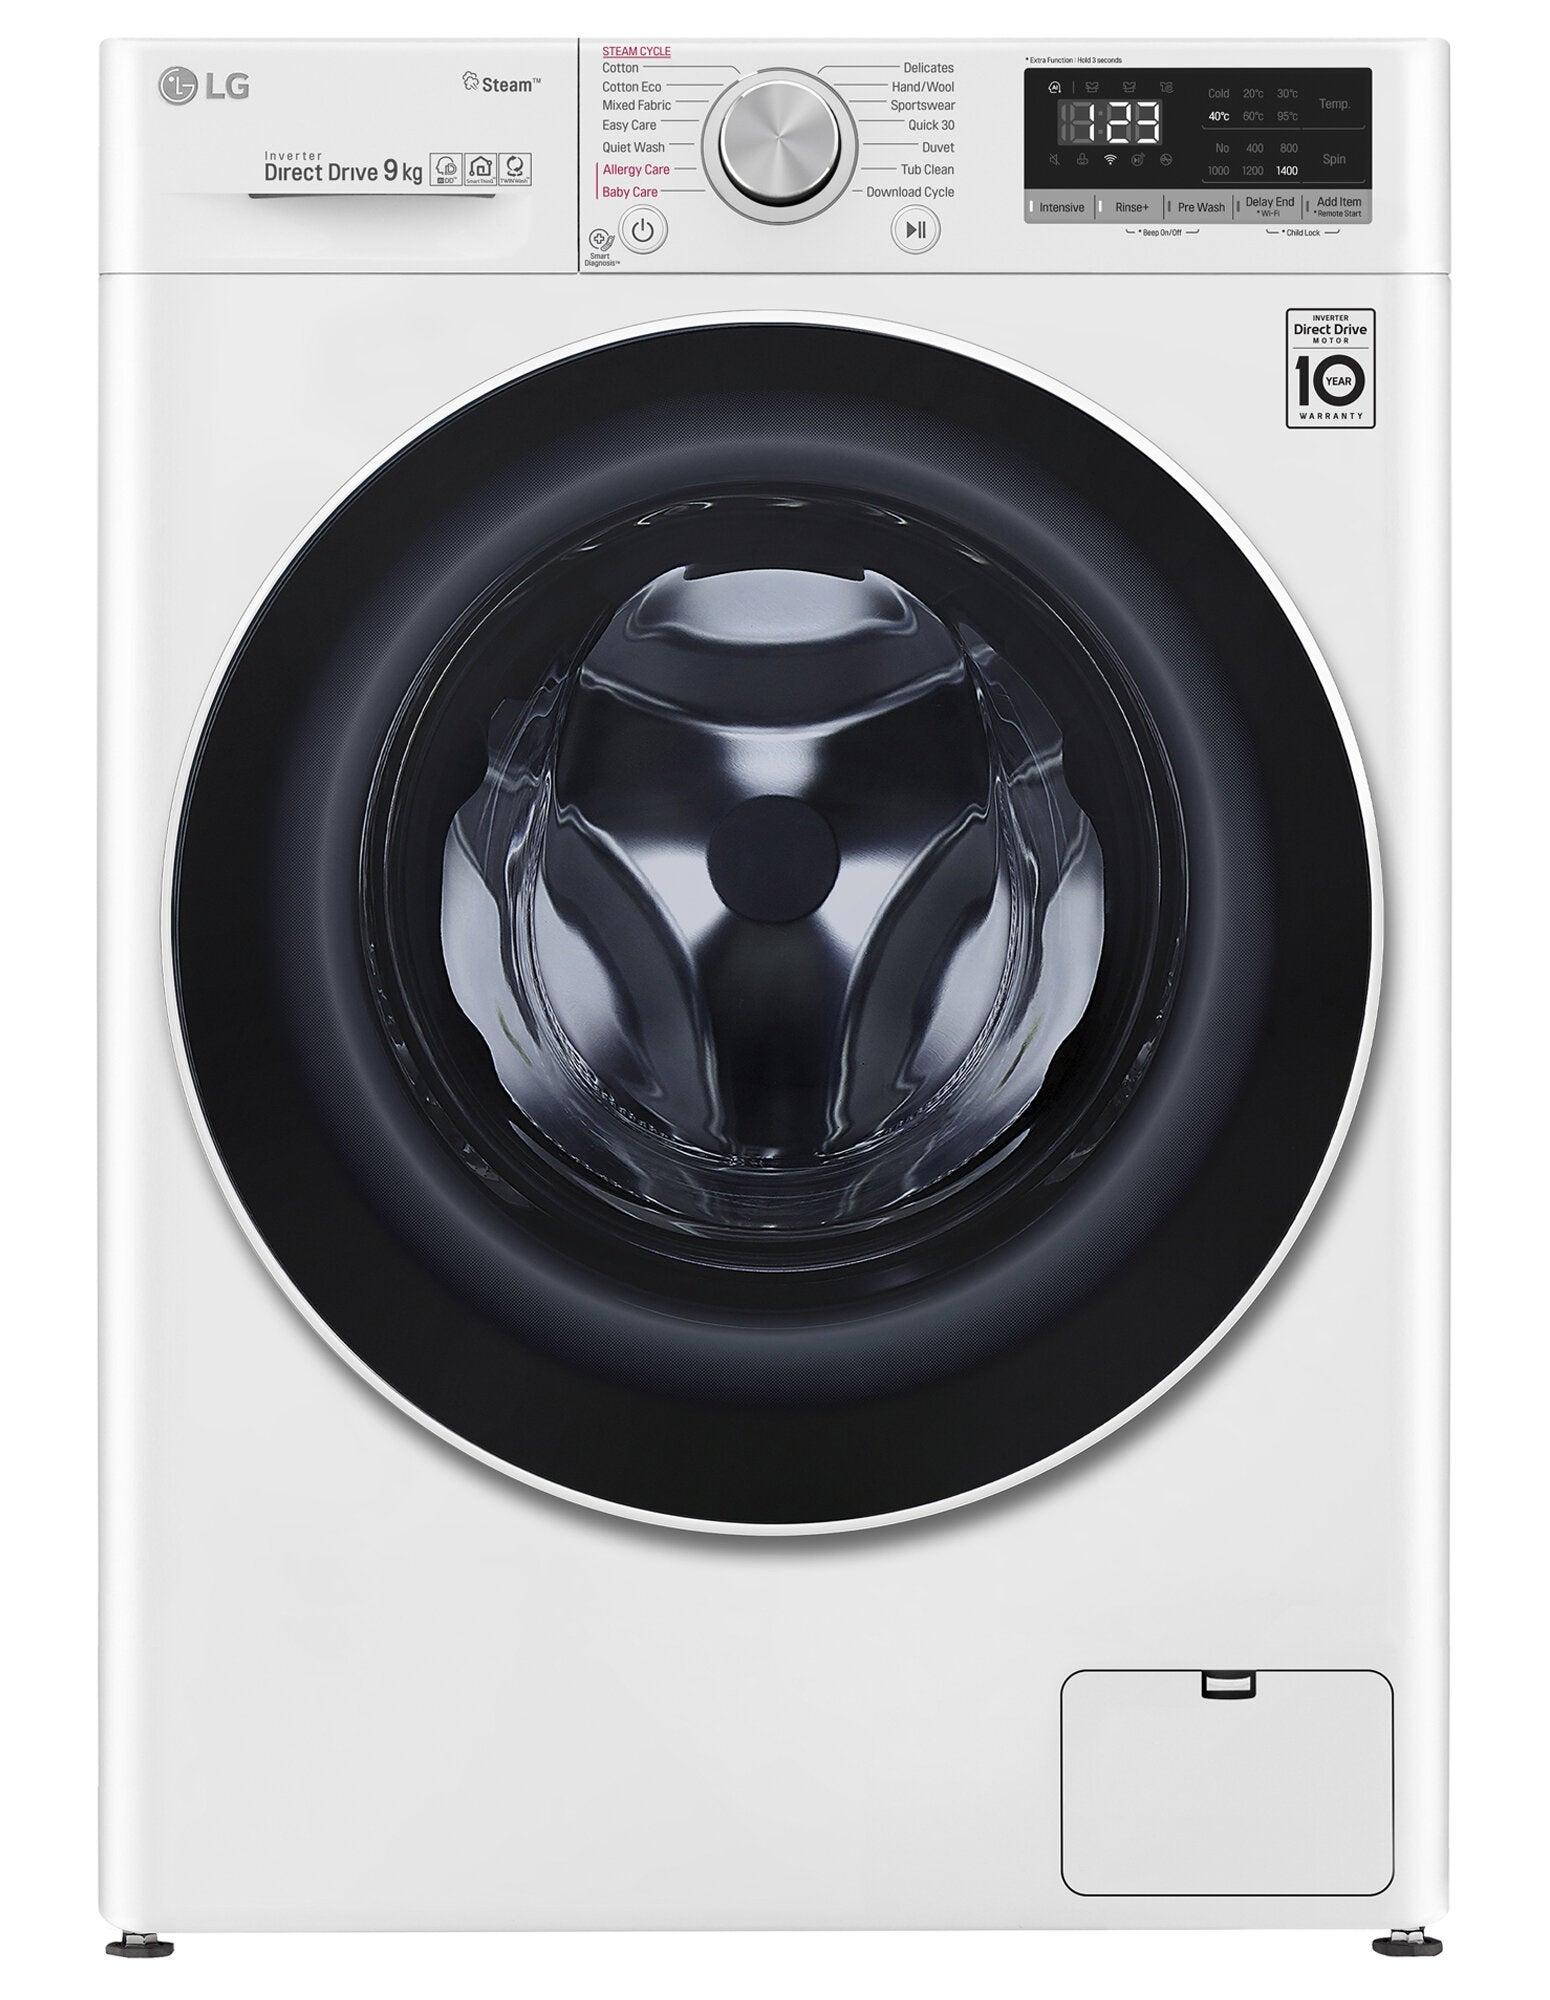 LG WV51409W Washing Machine